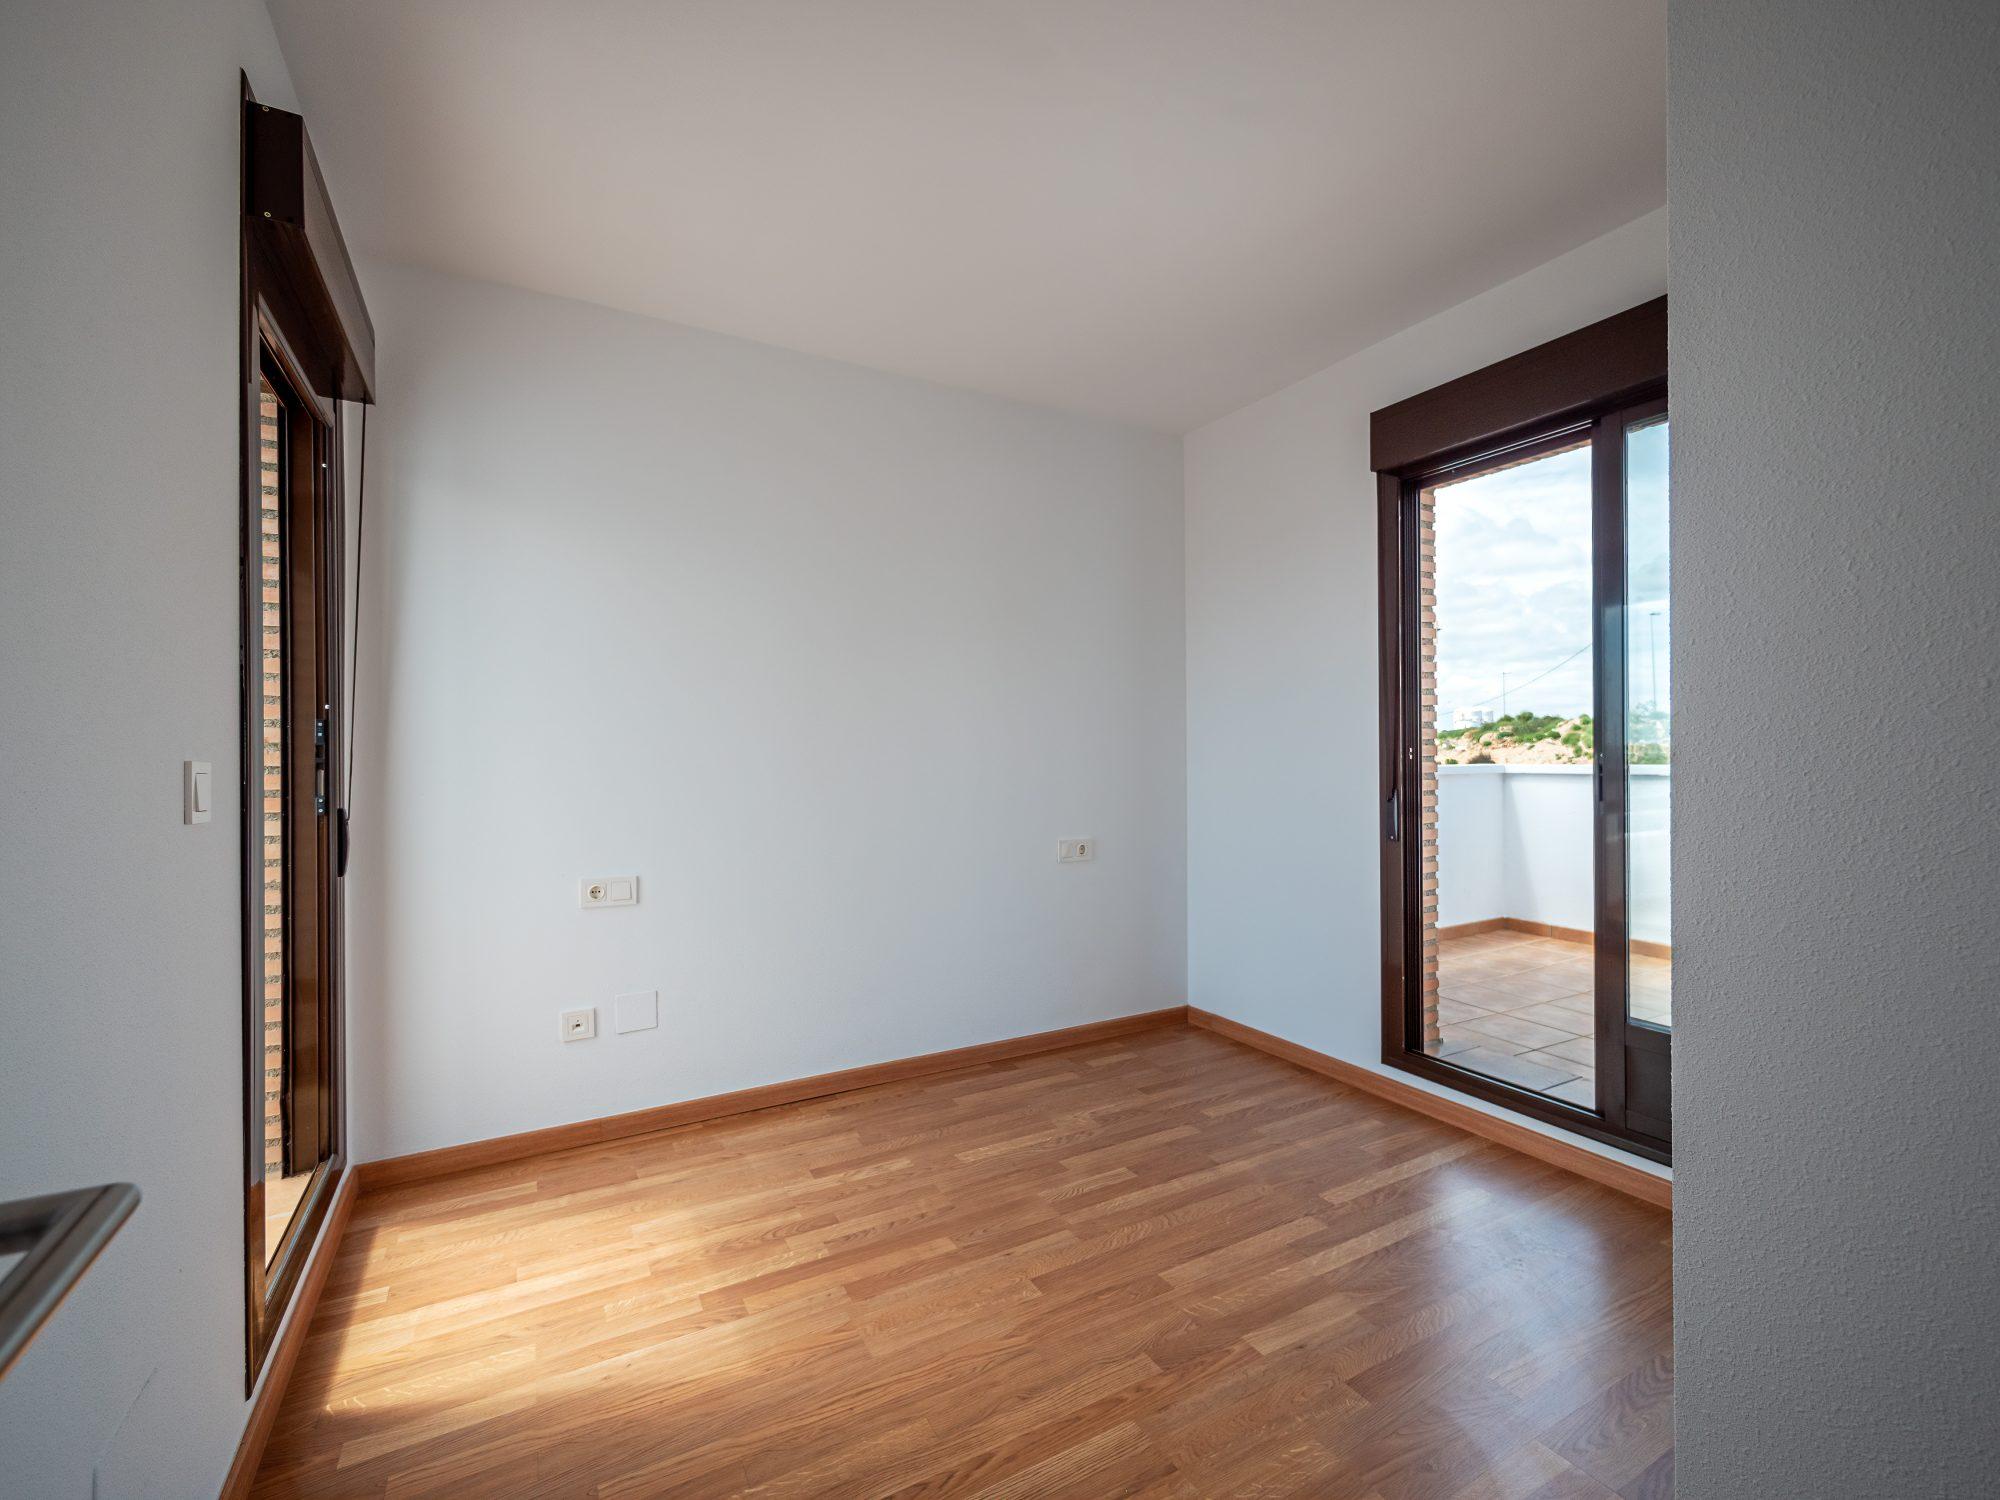 84 m² 4 pièces Maison